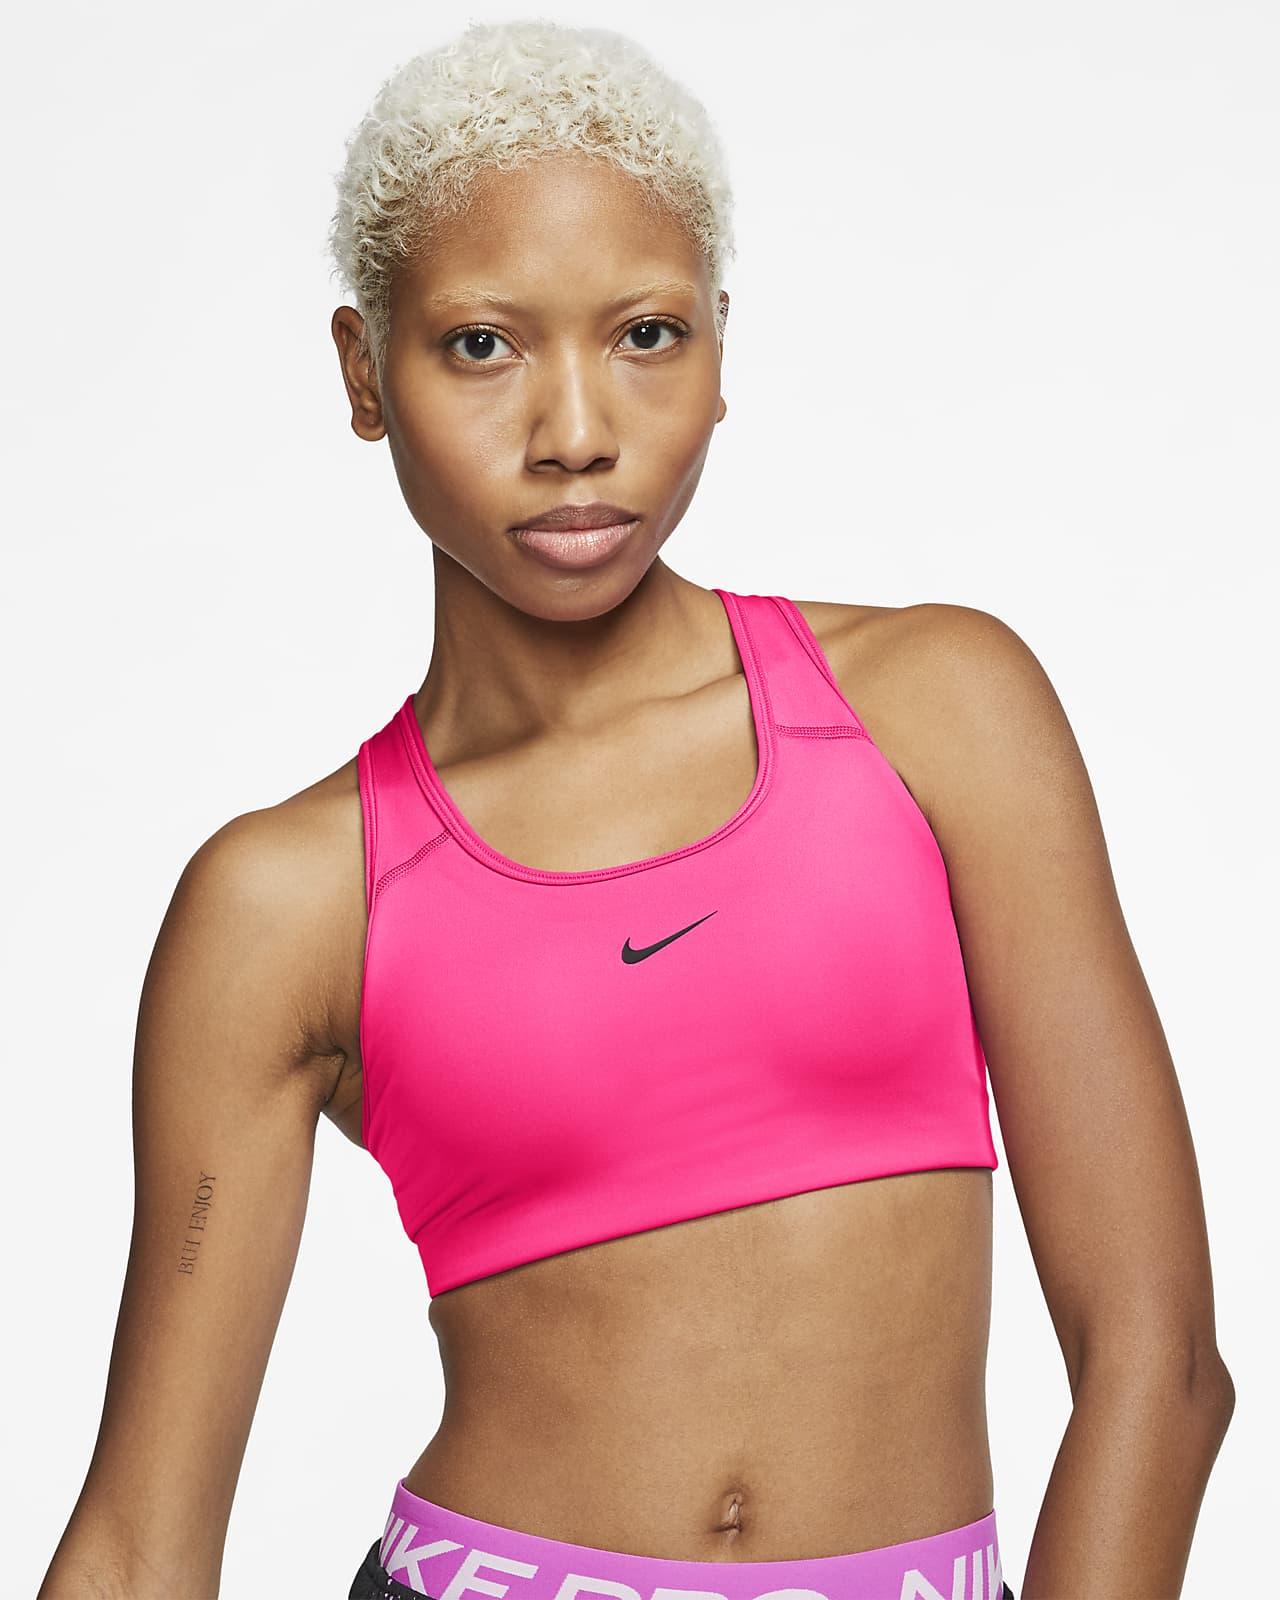 Sport-BH med mediumstöd Nike Swoosh med ett inlägg för kvinnor